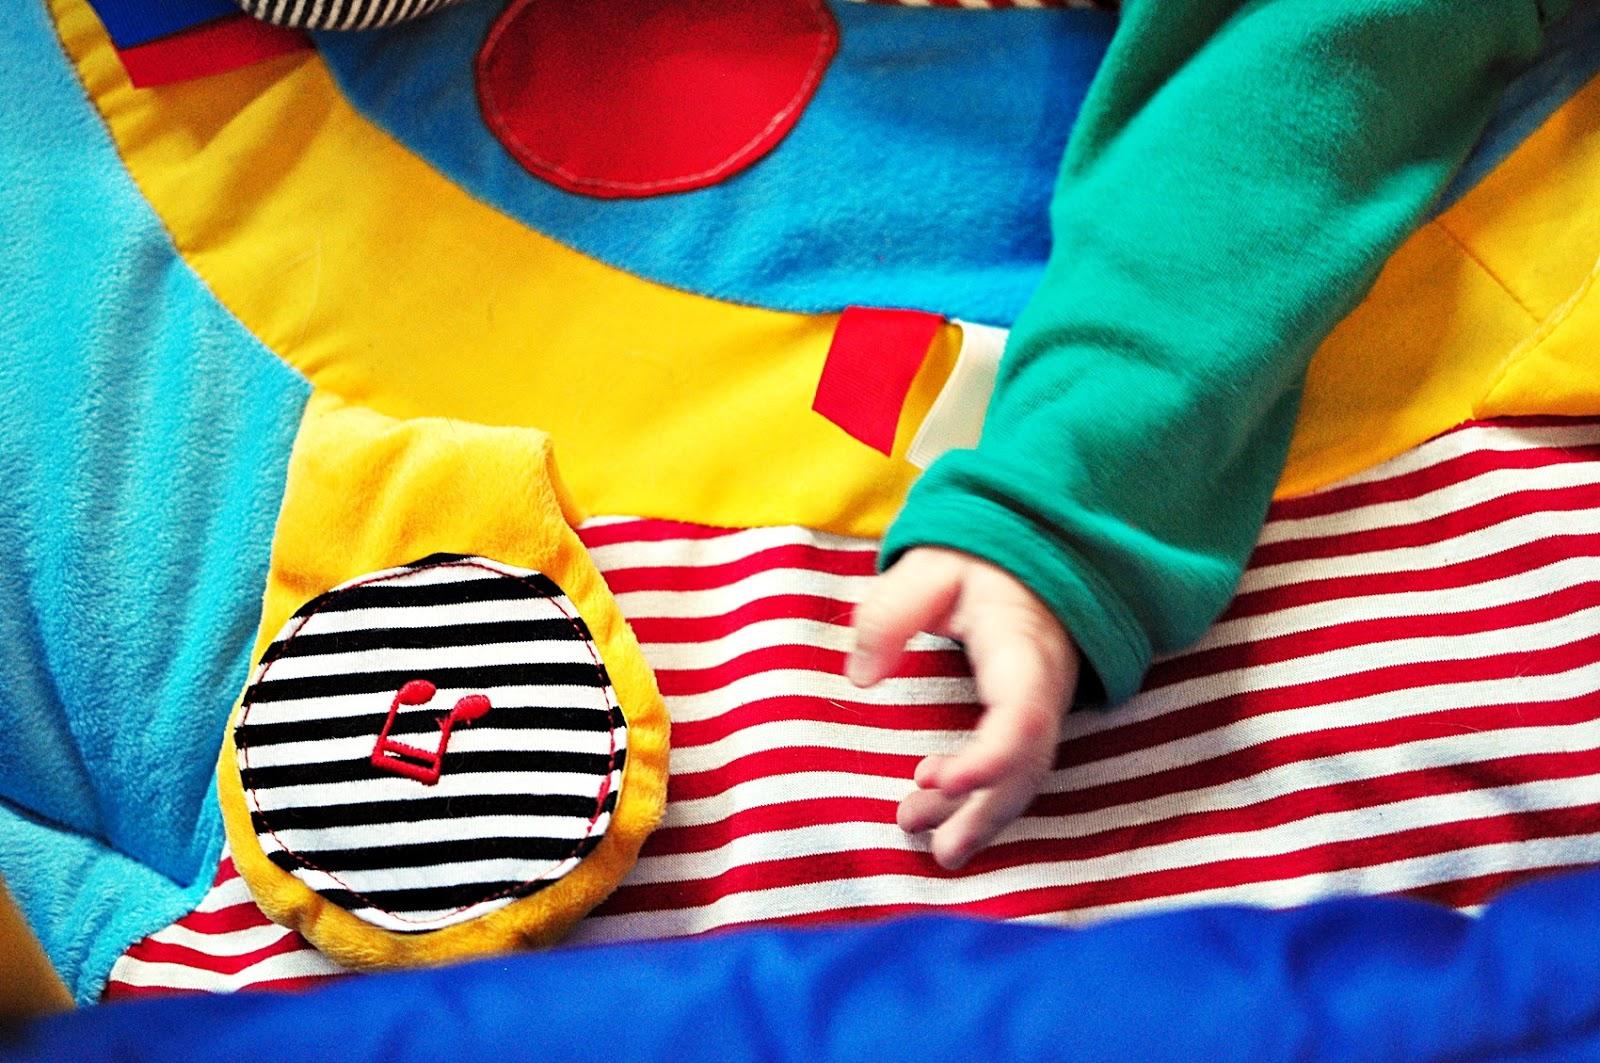 edukacyjne-zabawki-dla-niemowlaka